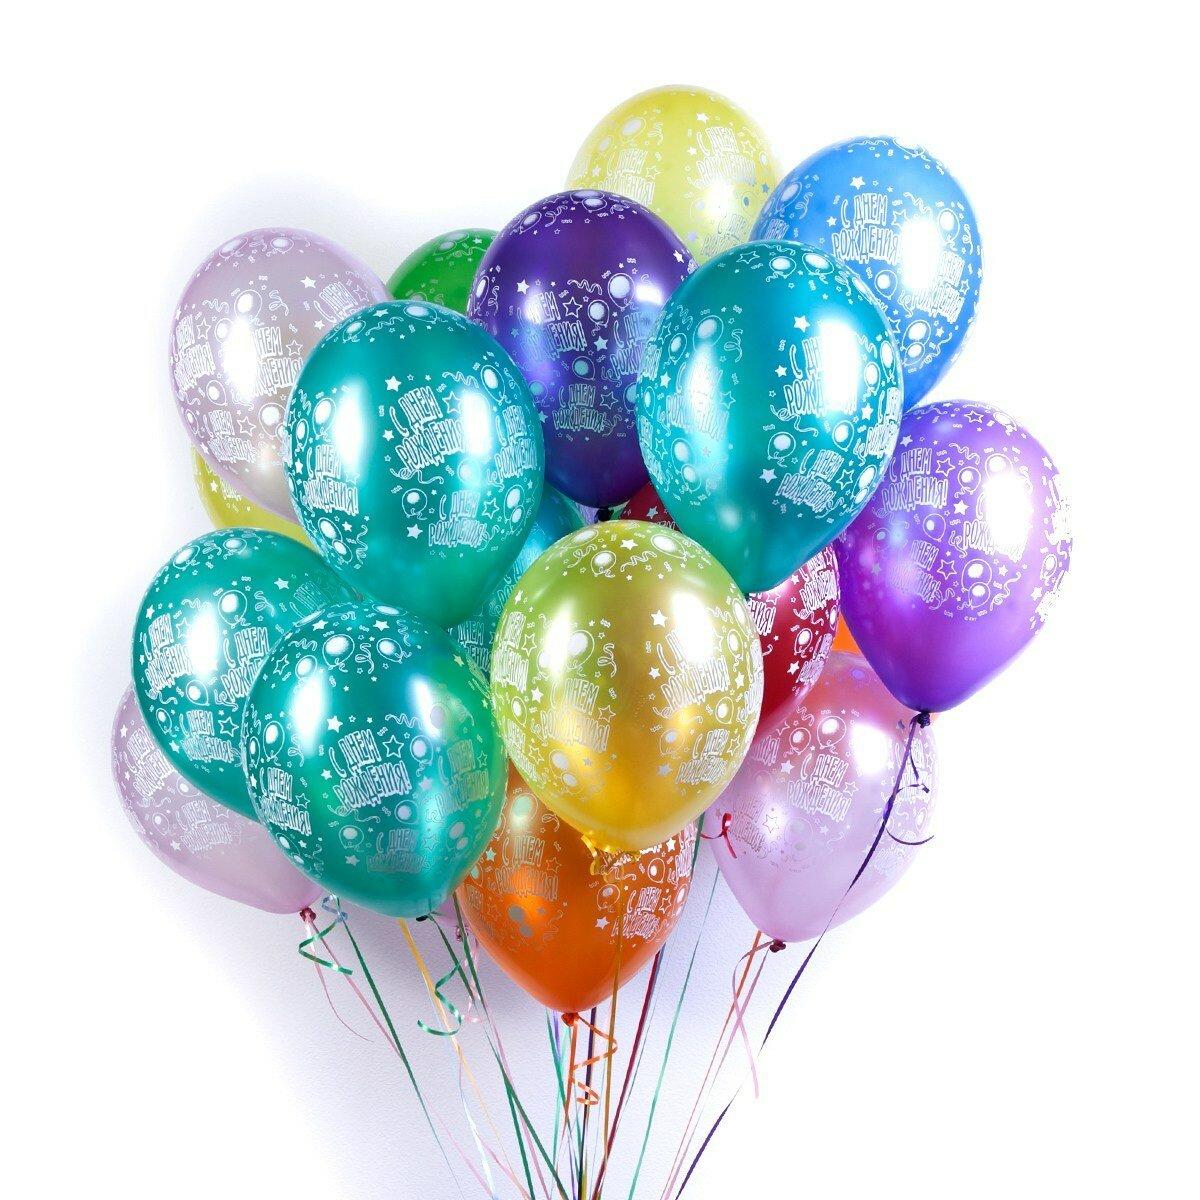 Воскресенье открытки, картинка с шарами с днем рождения